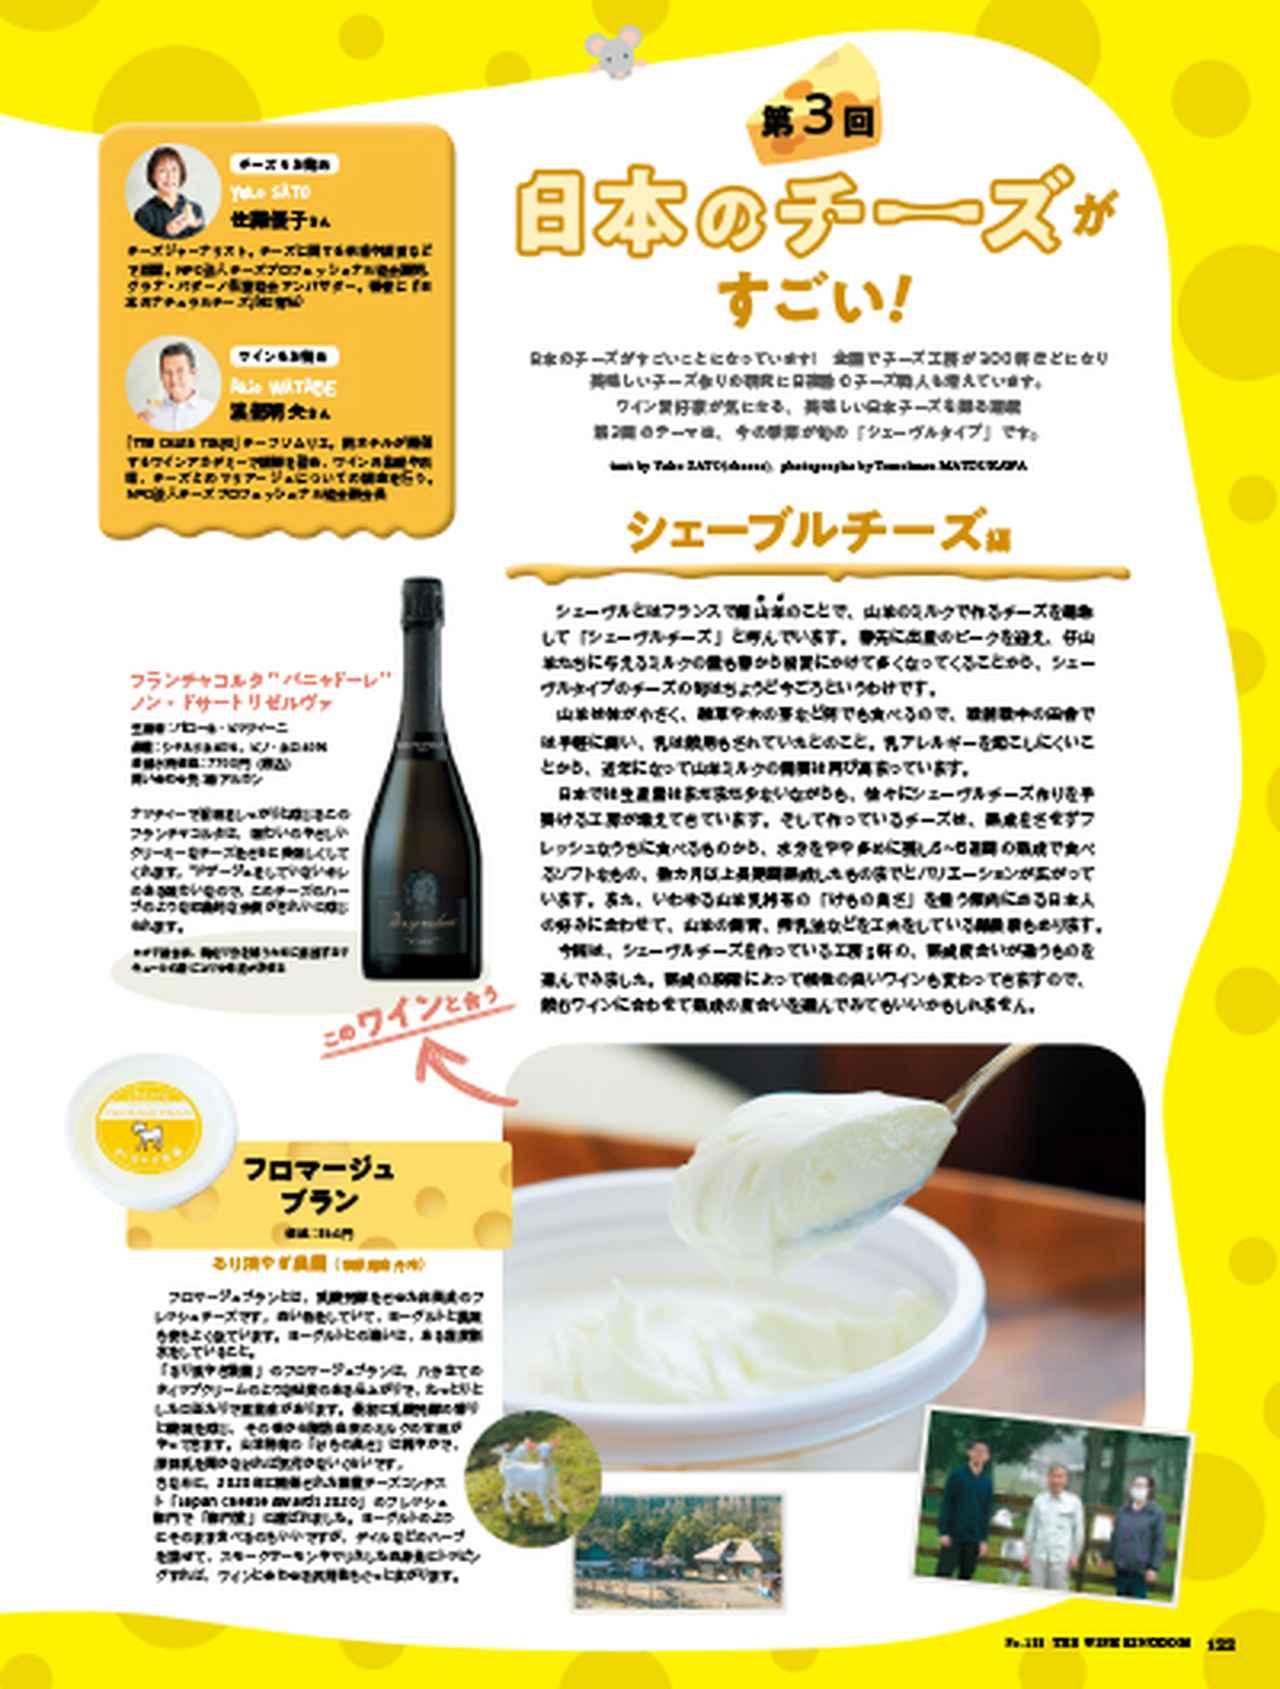 画像7: 6/5発売『ワイン王国 123号』日本ワイン特集!ブラインド・テイスティングで決定 本当に美味しい63本